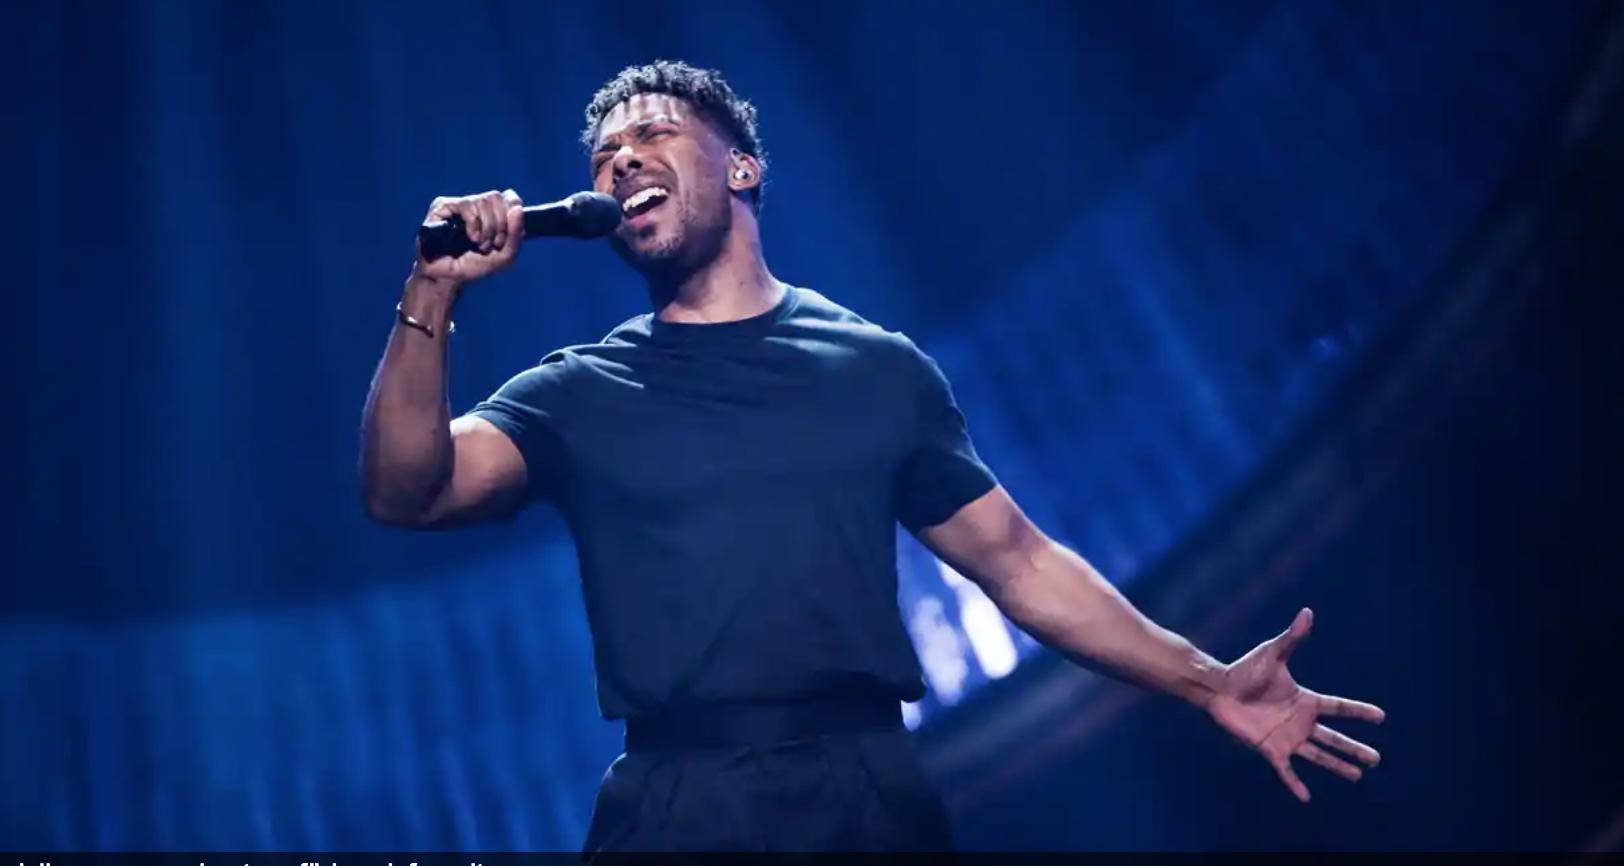 """Йон Люндвик будет представлять Швецию на """"Евровидении"""" 2019 года в Израиле"""